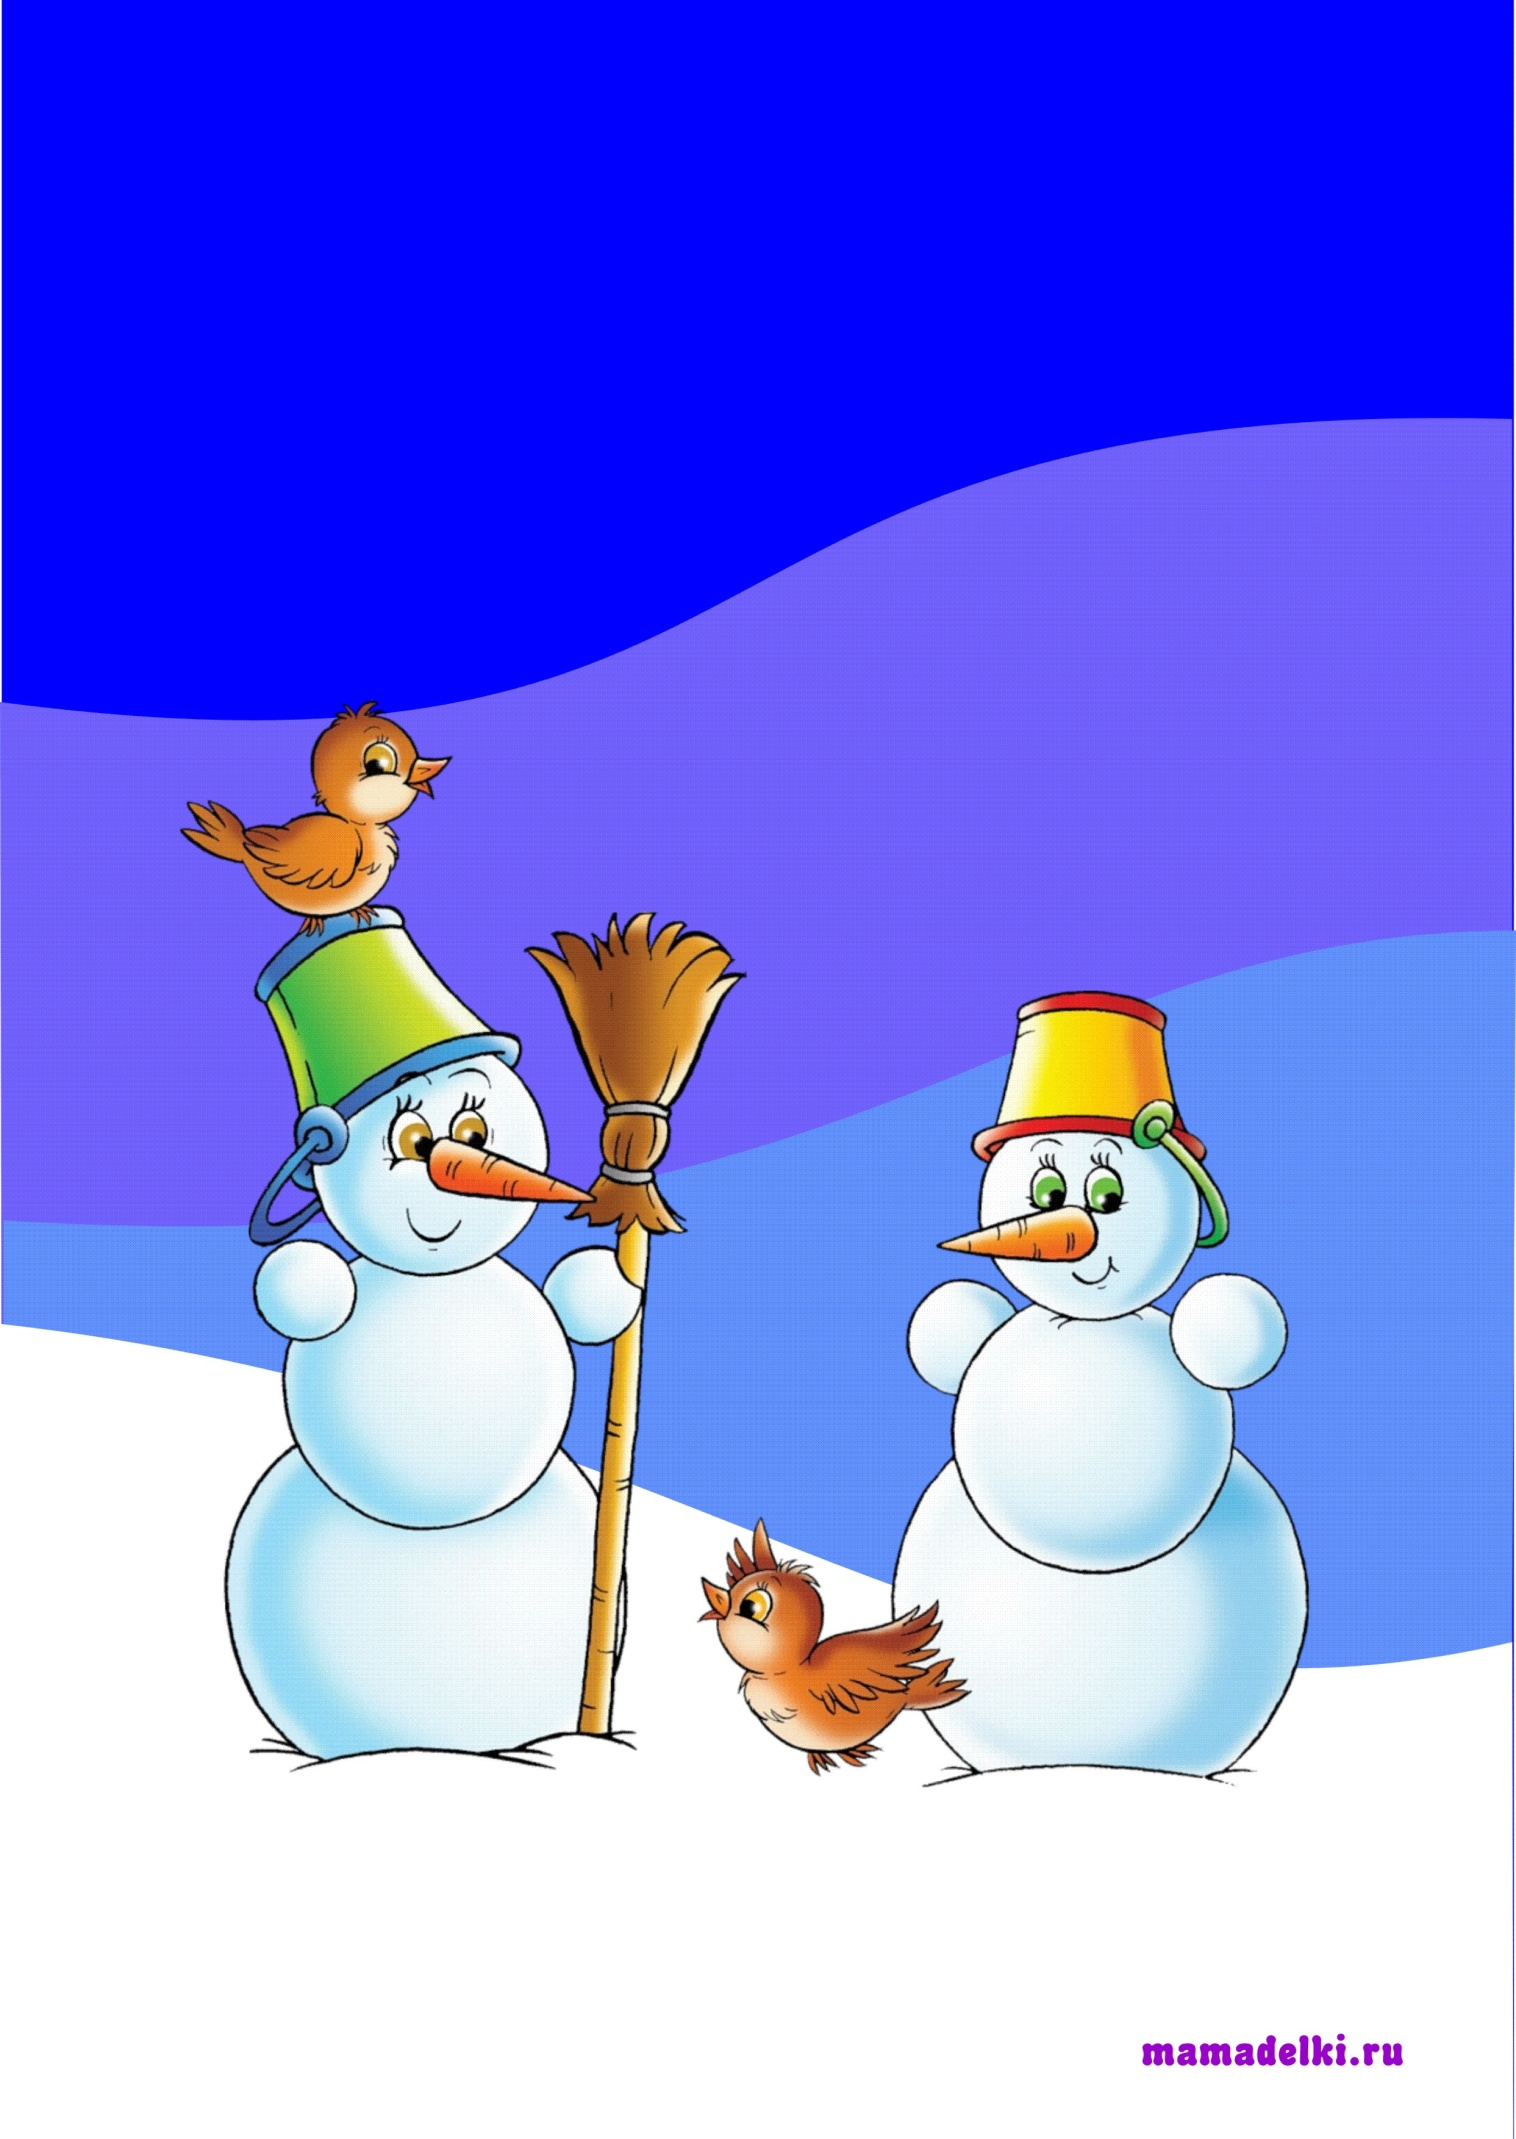 G:\ооооо\поля для ребенка\Зимние поделки детские 1.jpg